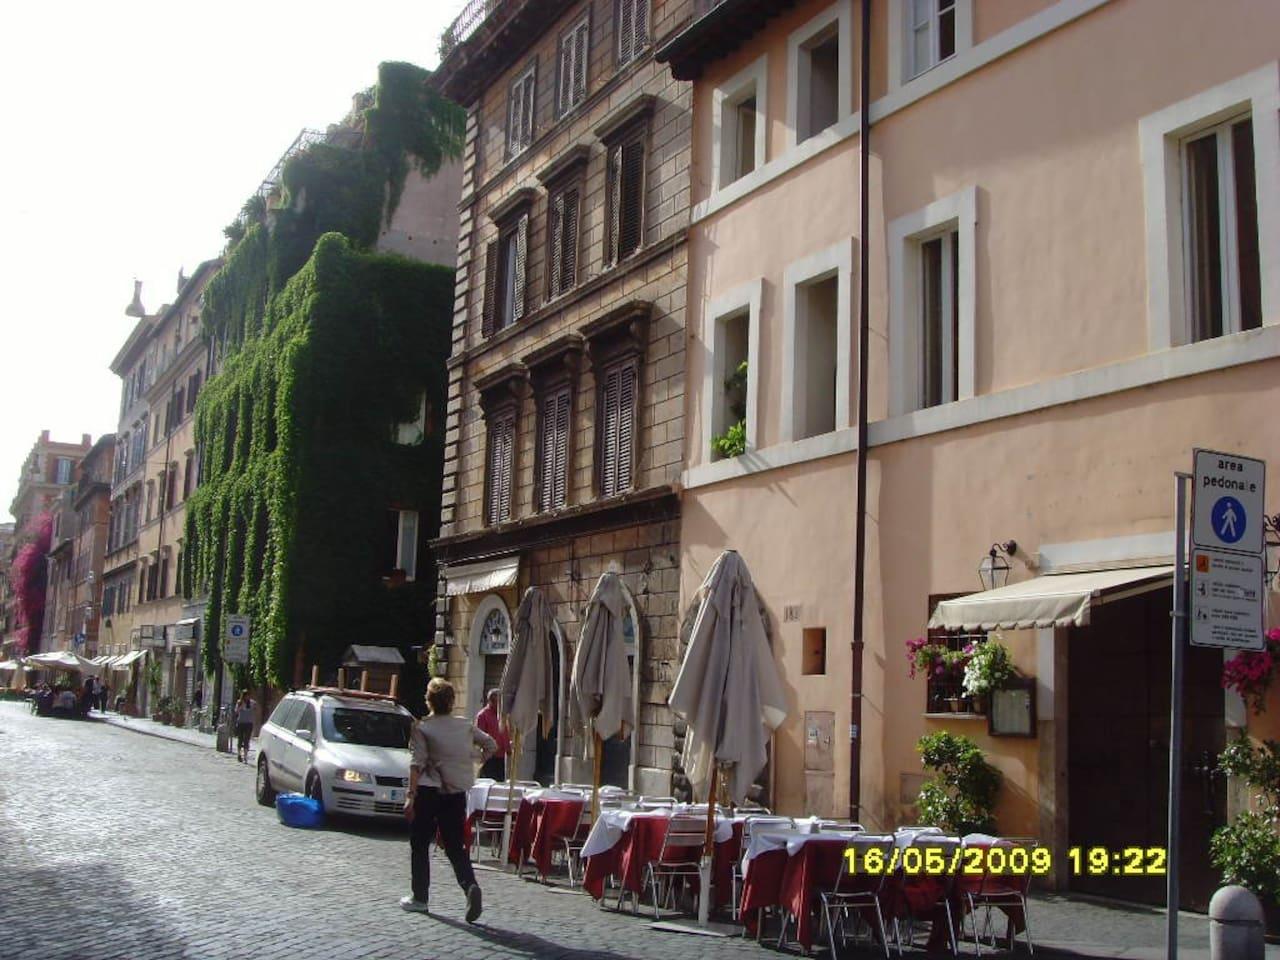 Viale Borgo Pio